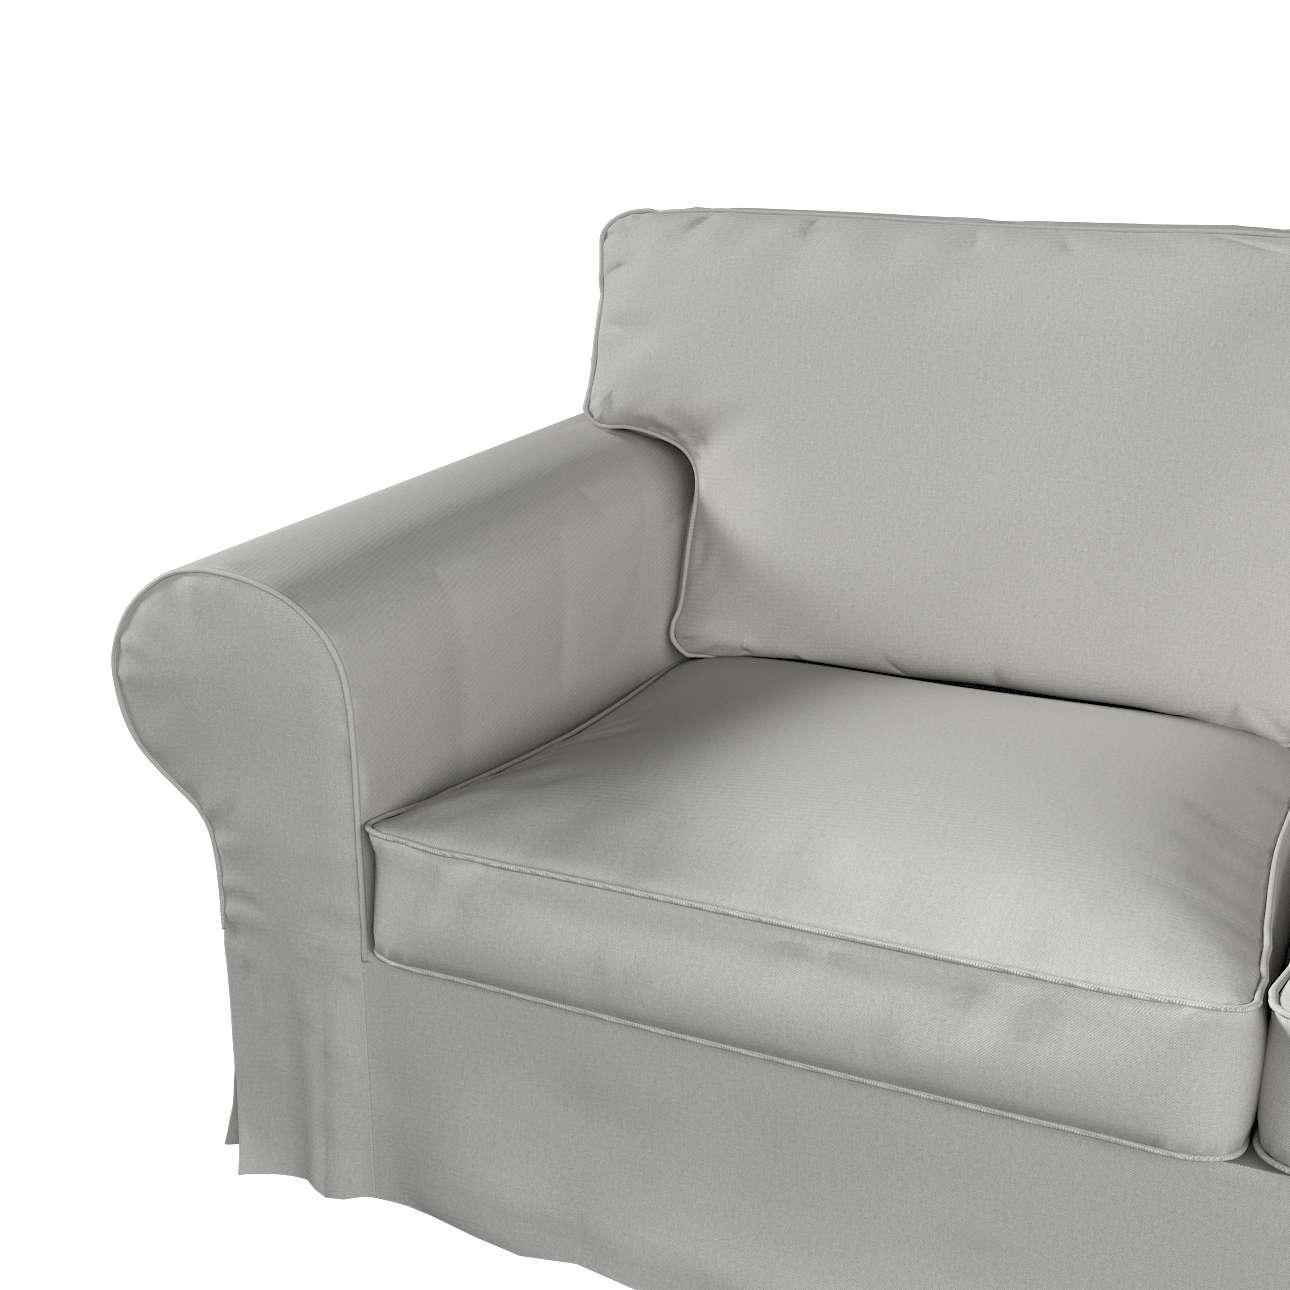 Pokrowiec na sofę Ektorp 2-osobową i leżankę w kolekcji Etna, tkanina: 705-90